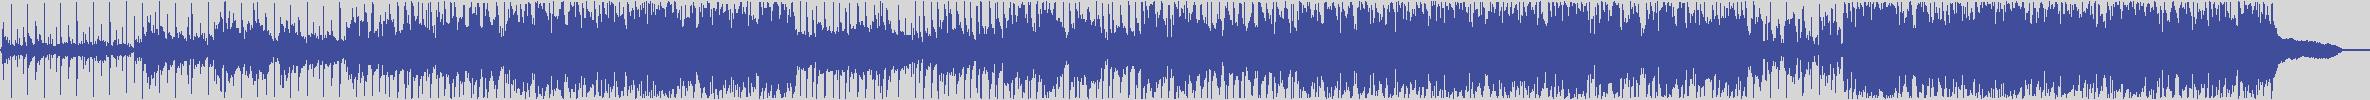 gold_hit_records [GHR003] Lucas Castro - El Alma Nunca Se Olvida [Radio Edit] audio wave form